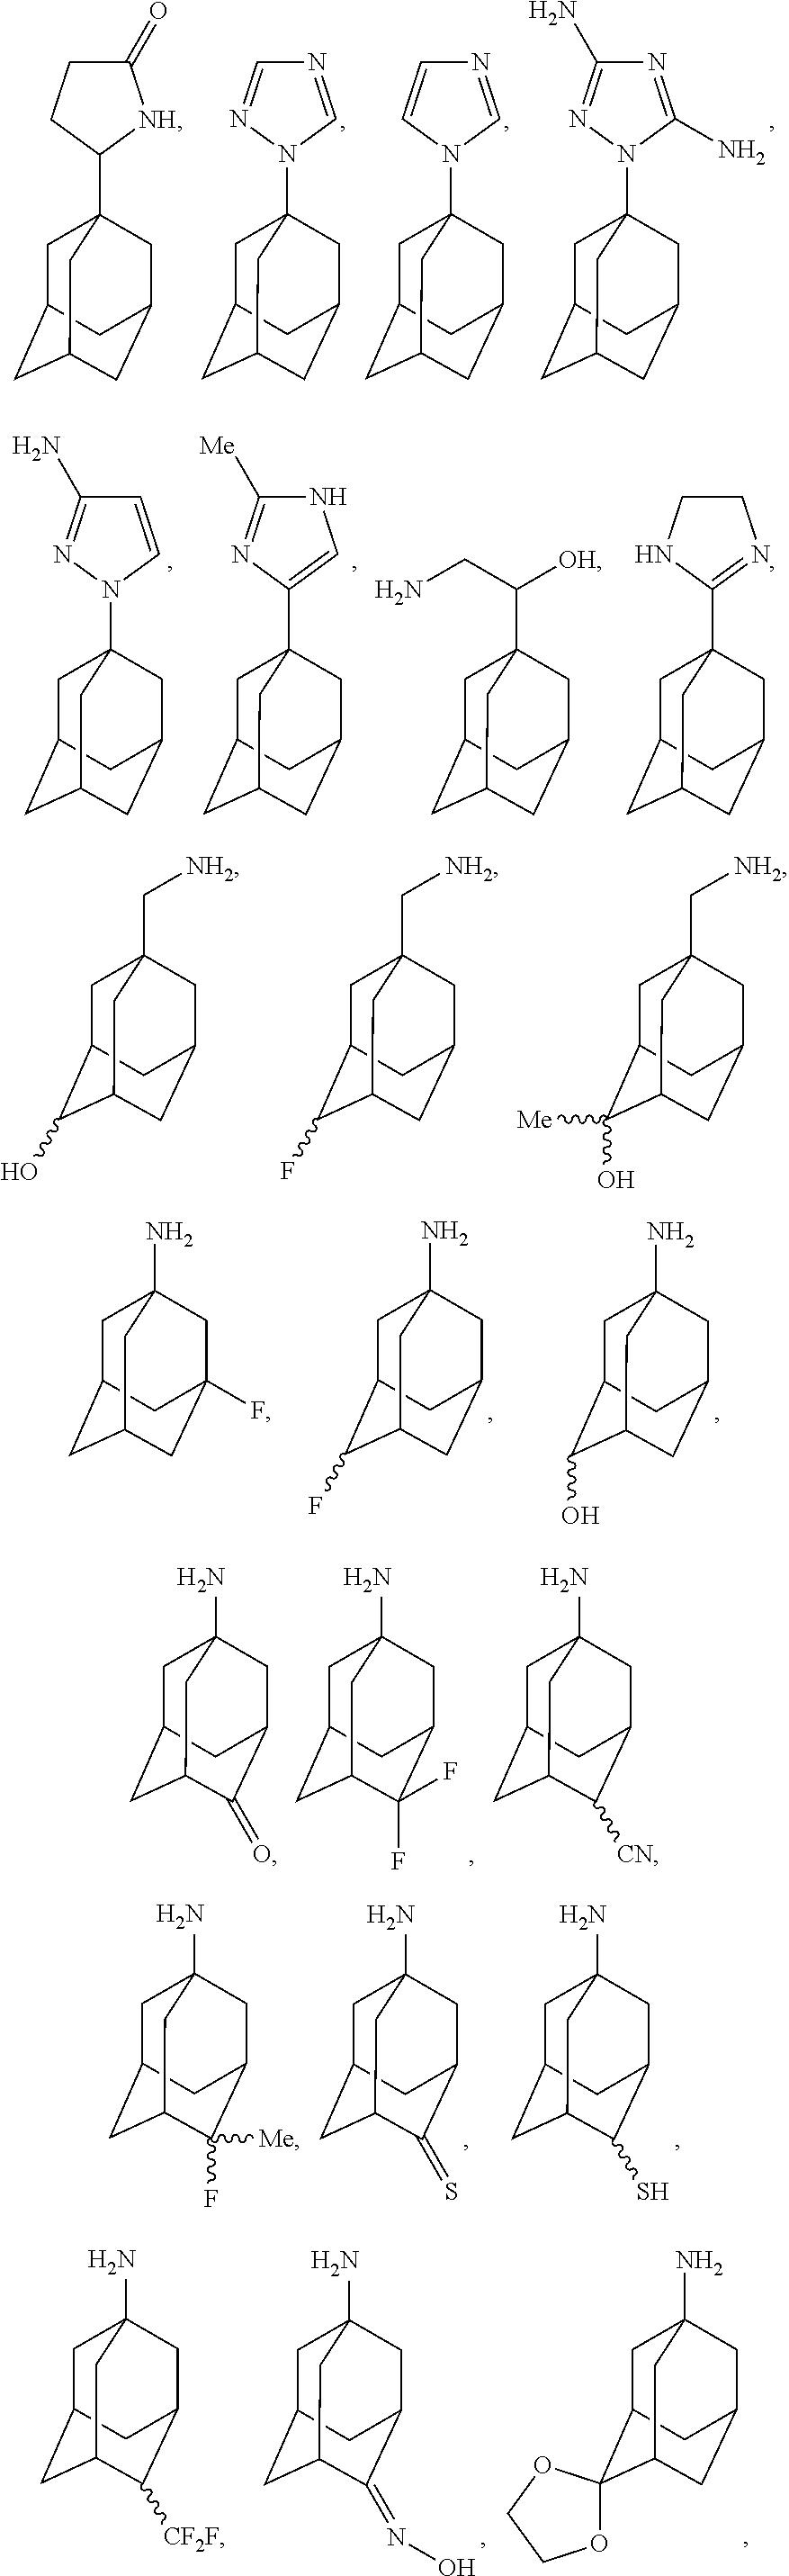 Figure US20110065766A1-20110317-C00004